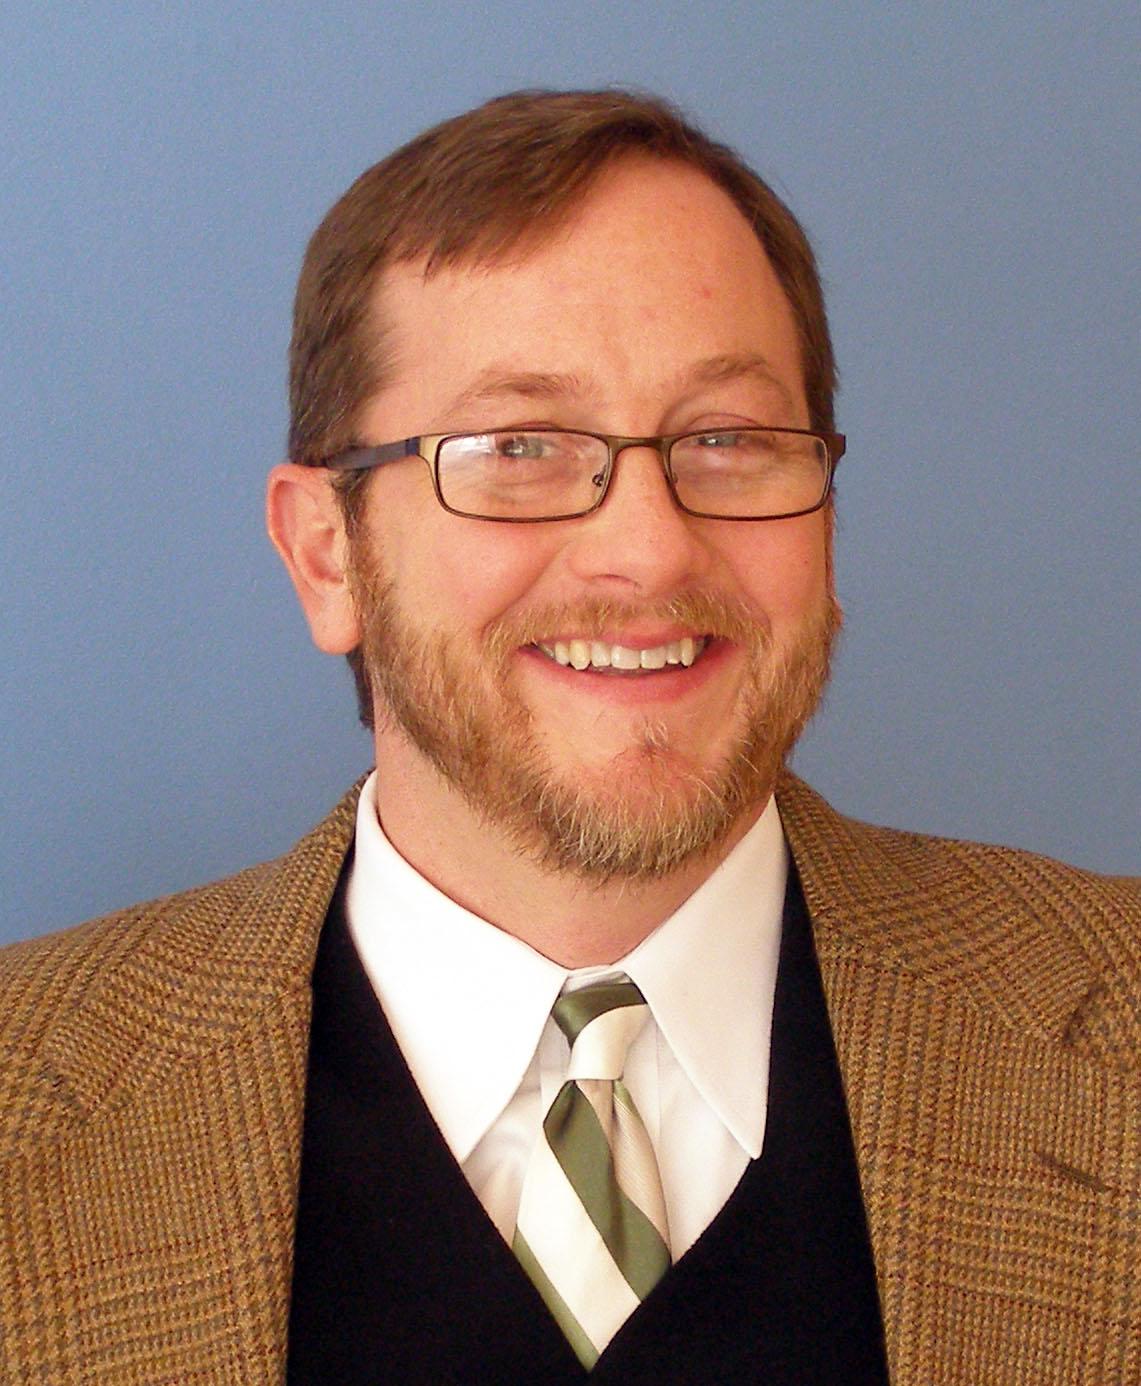 Mark Wahlert